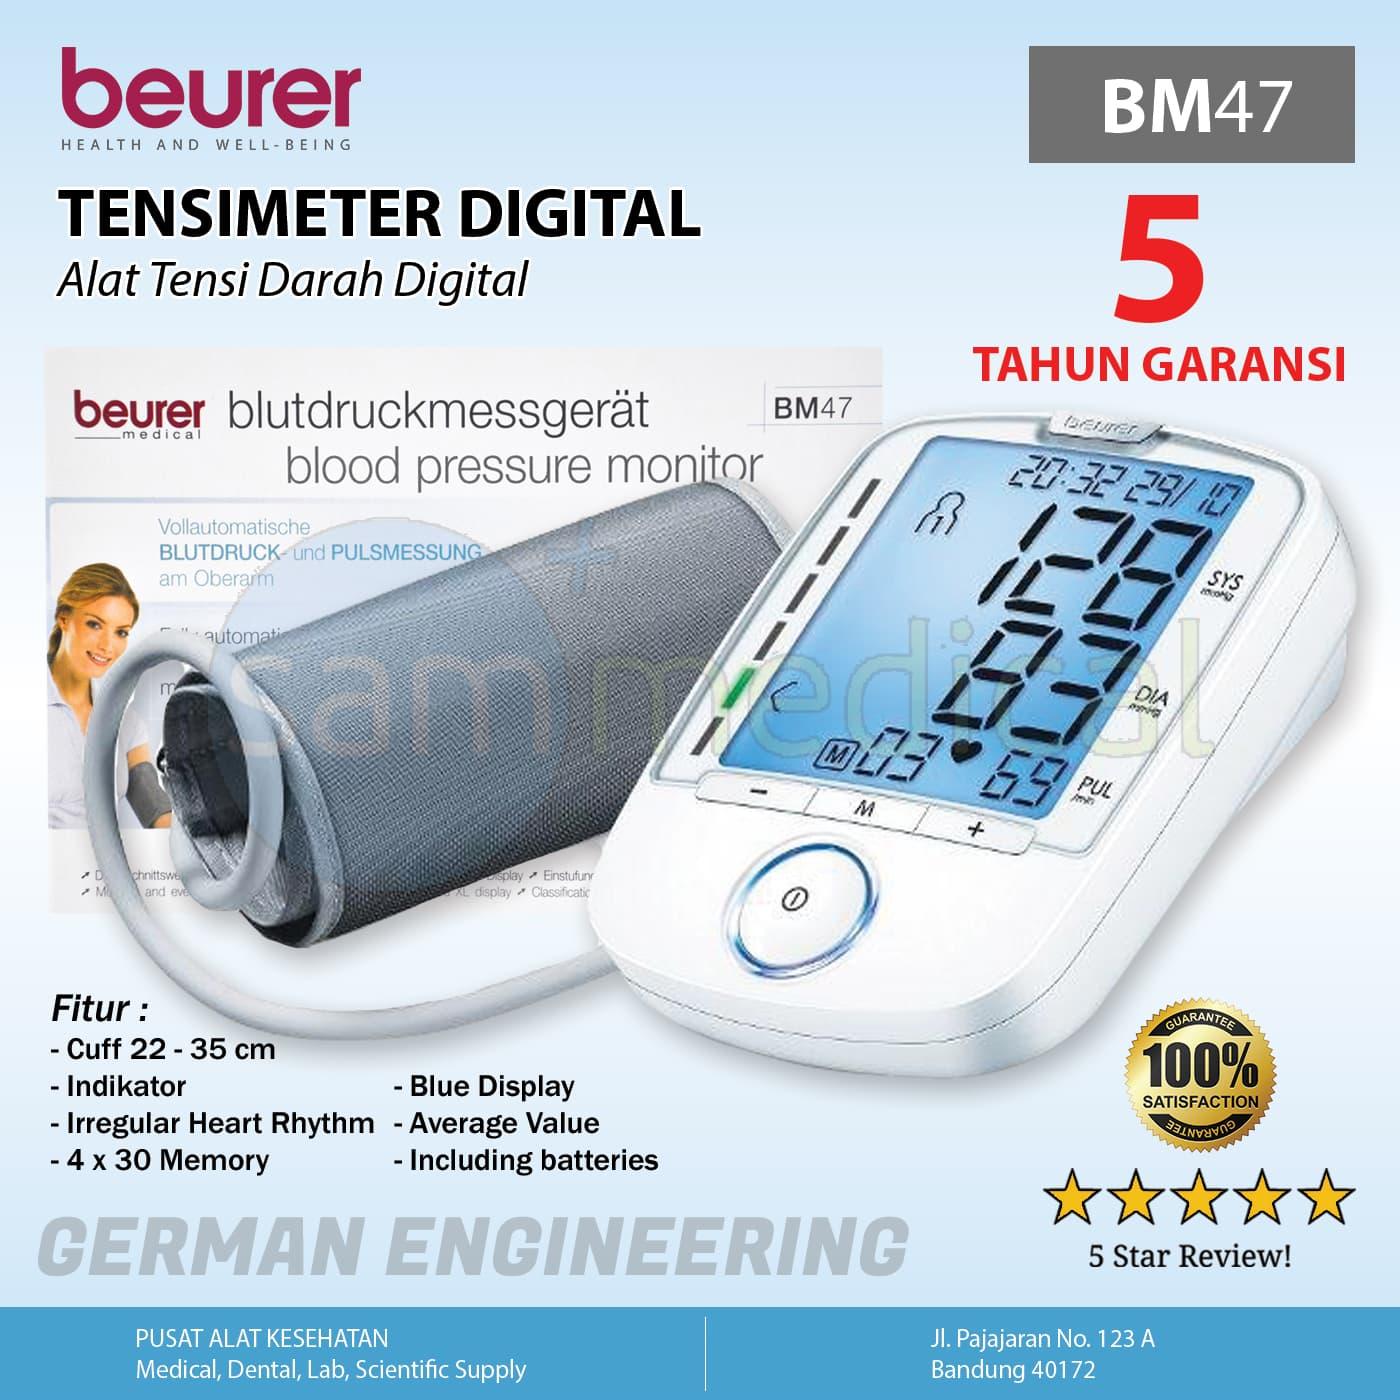 Beurer Bm47 Tensimeter Digital Daftar Harga Terkini Dan Terlengkap Tensi Meter Bc32 Jual Bm 47 Garansi 3 Thn Jerman Sam Medical Tokopedia